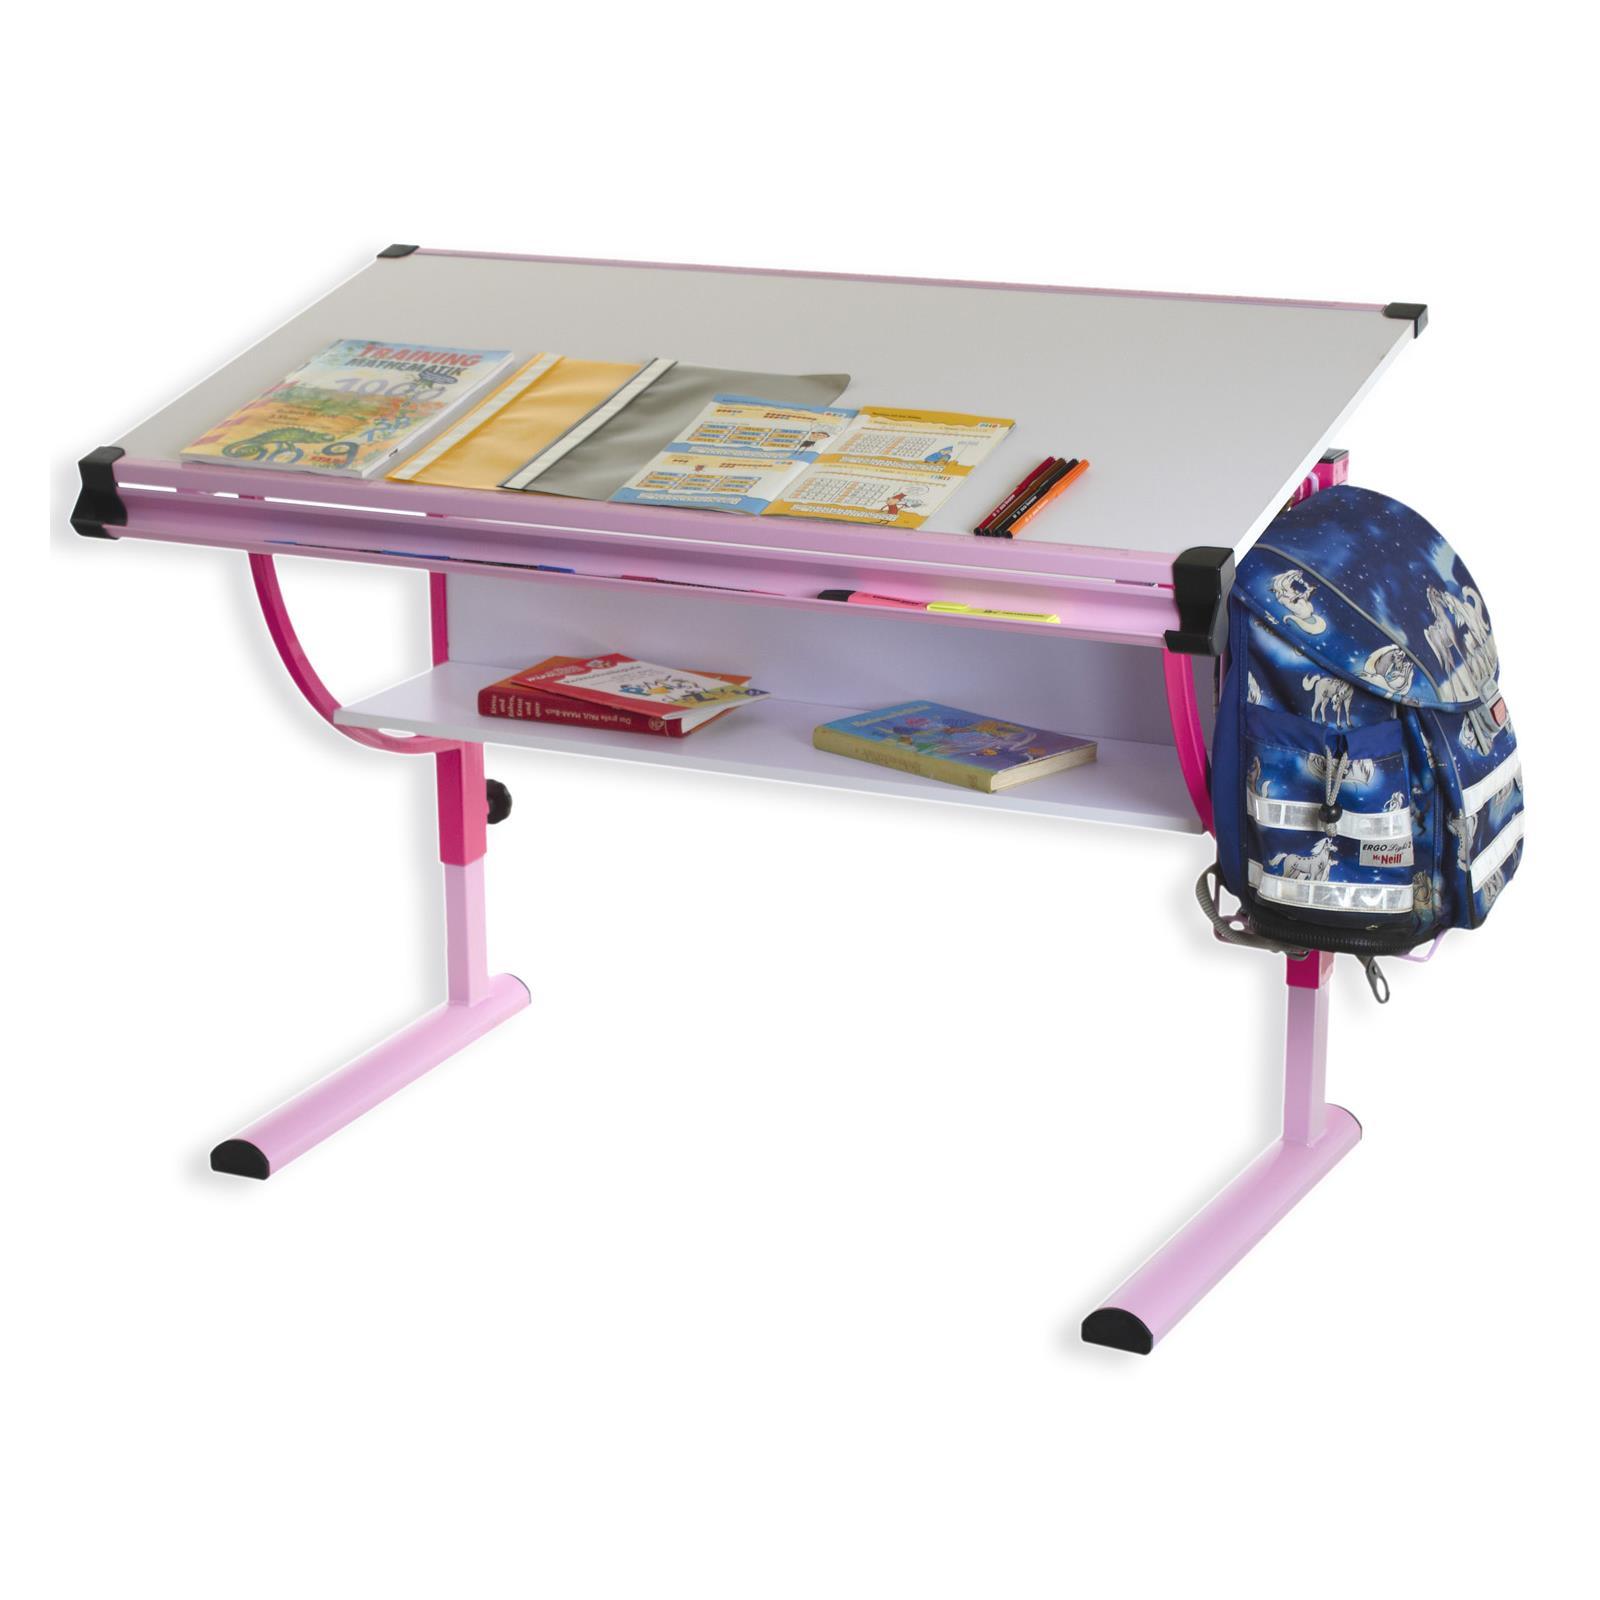 bureau enfant carina r glable en hauteur et plateau inclinable rose mobilia24. Black Bedroom Furniture Sets. Home Design Ideas